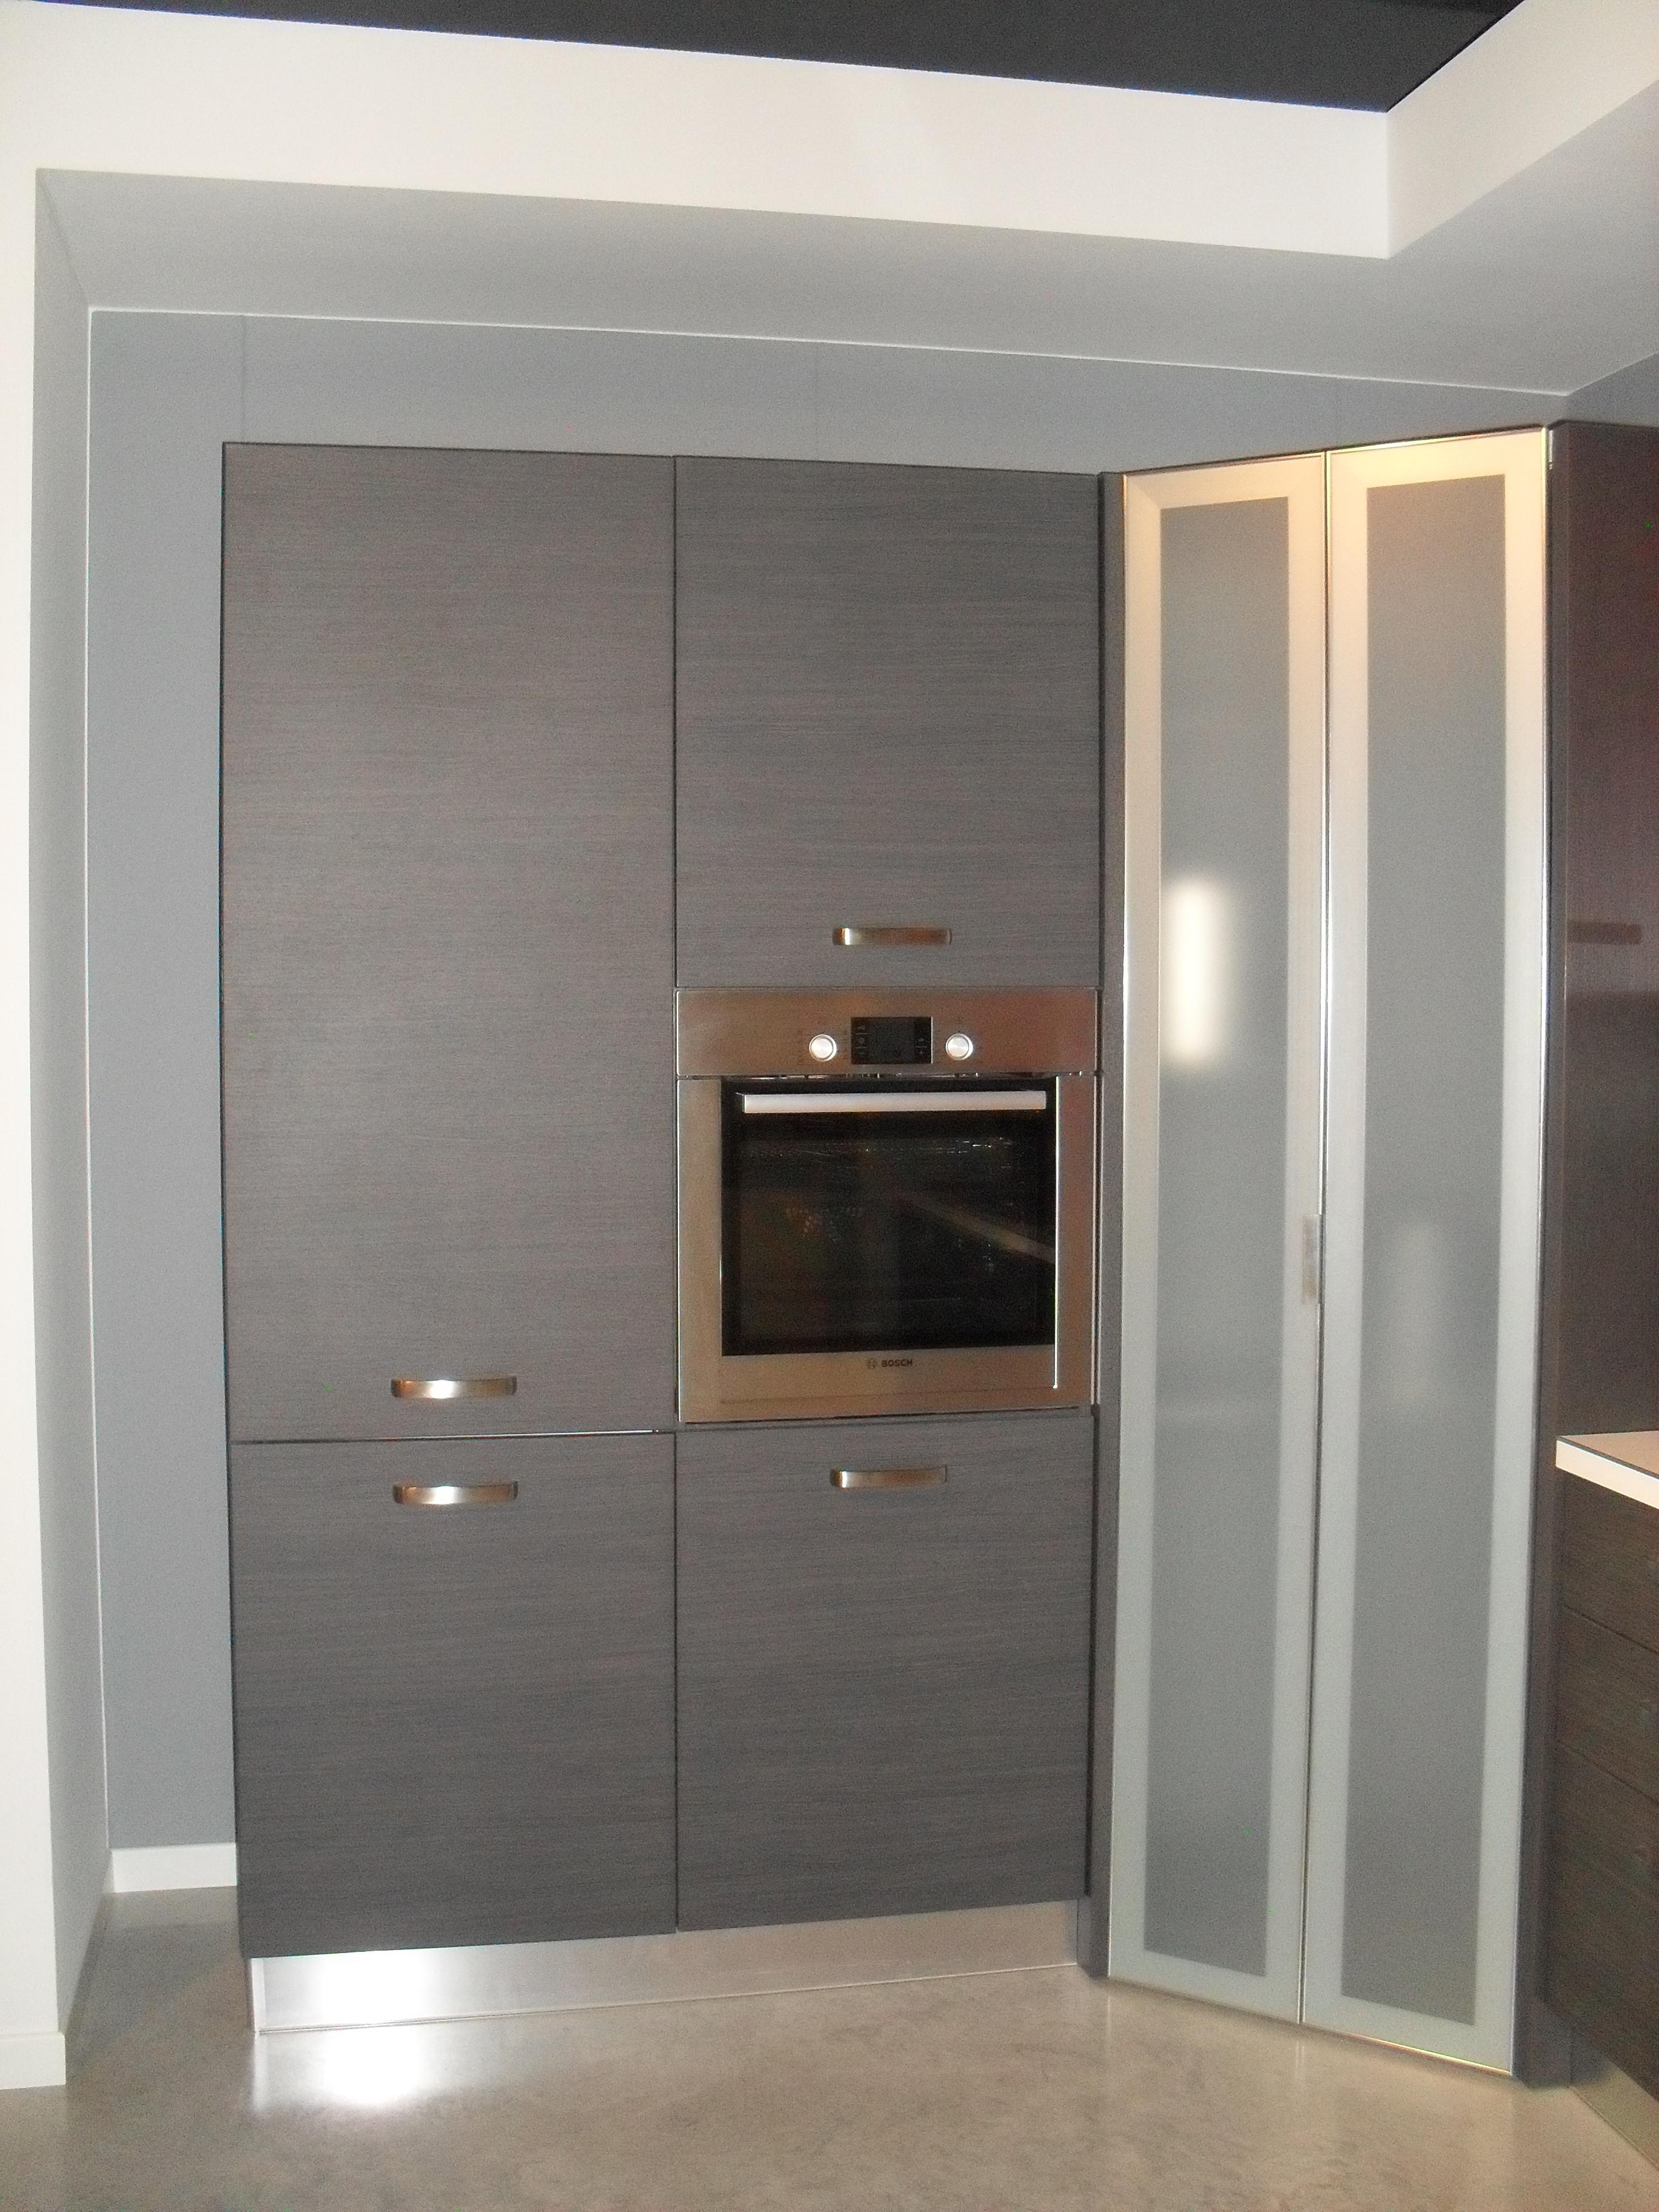 Cucine con frigo americano good cucina ad angolo with - Mobile porta forno microonde ...